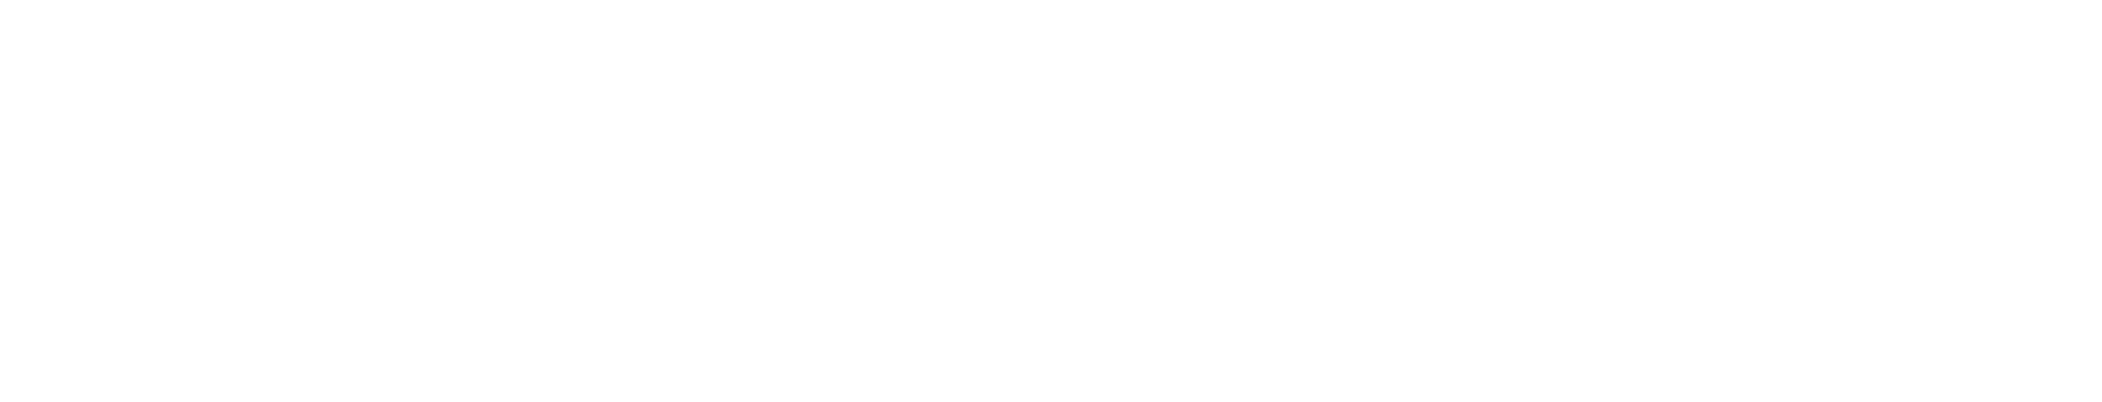 Equipe-icone